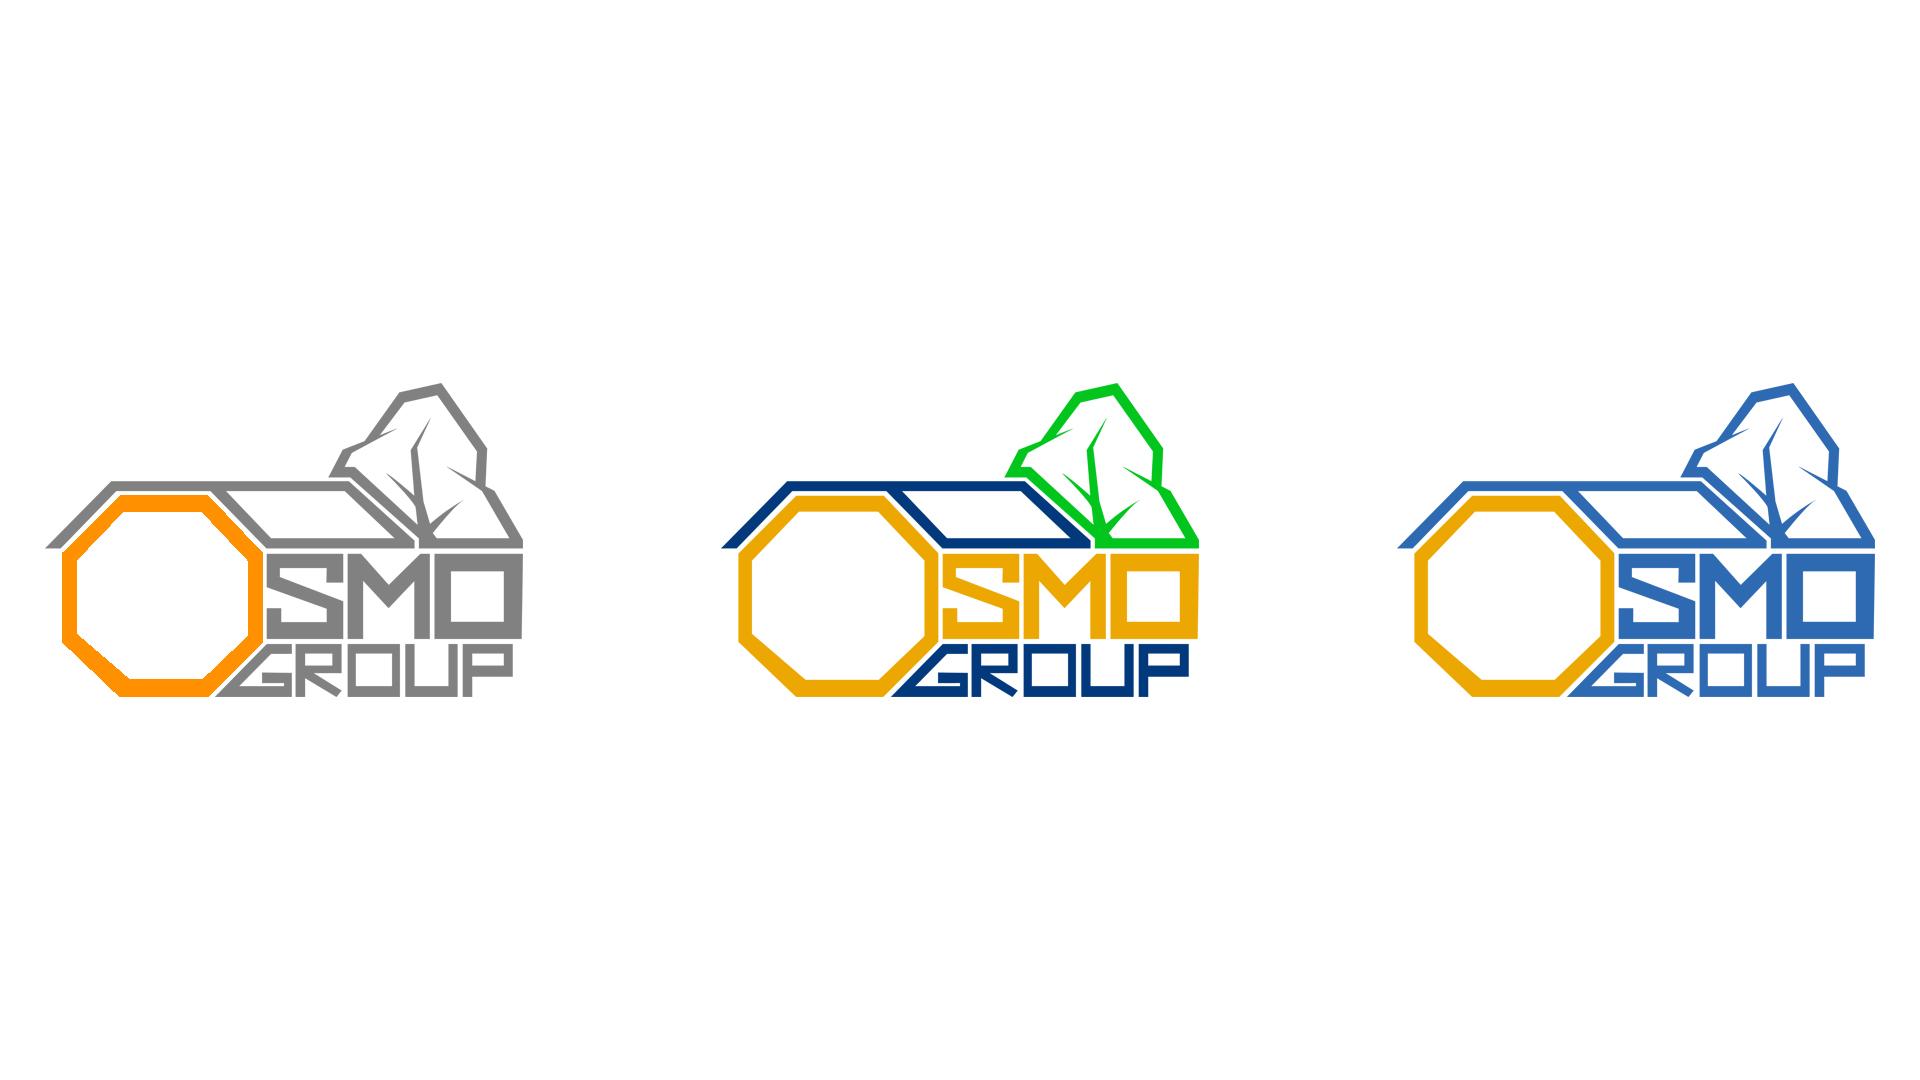 Создание логотипа для строительной компании OSMO group  фото f_52259b6ccd05ccd5.jpg